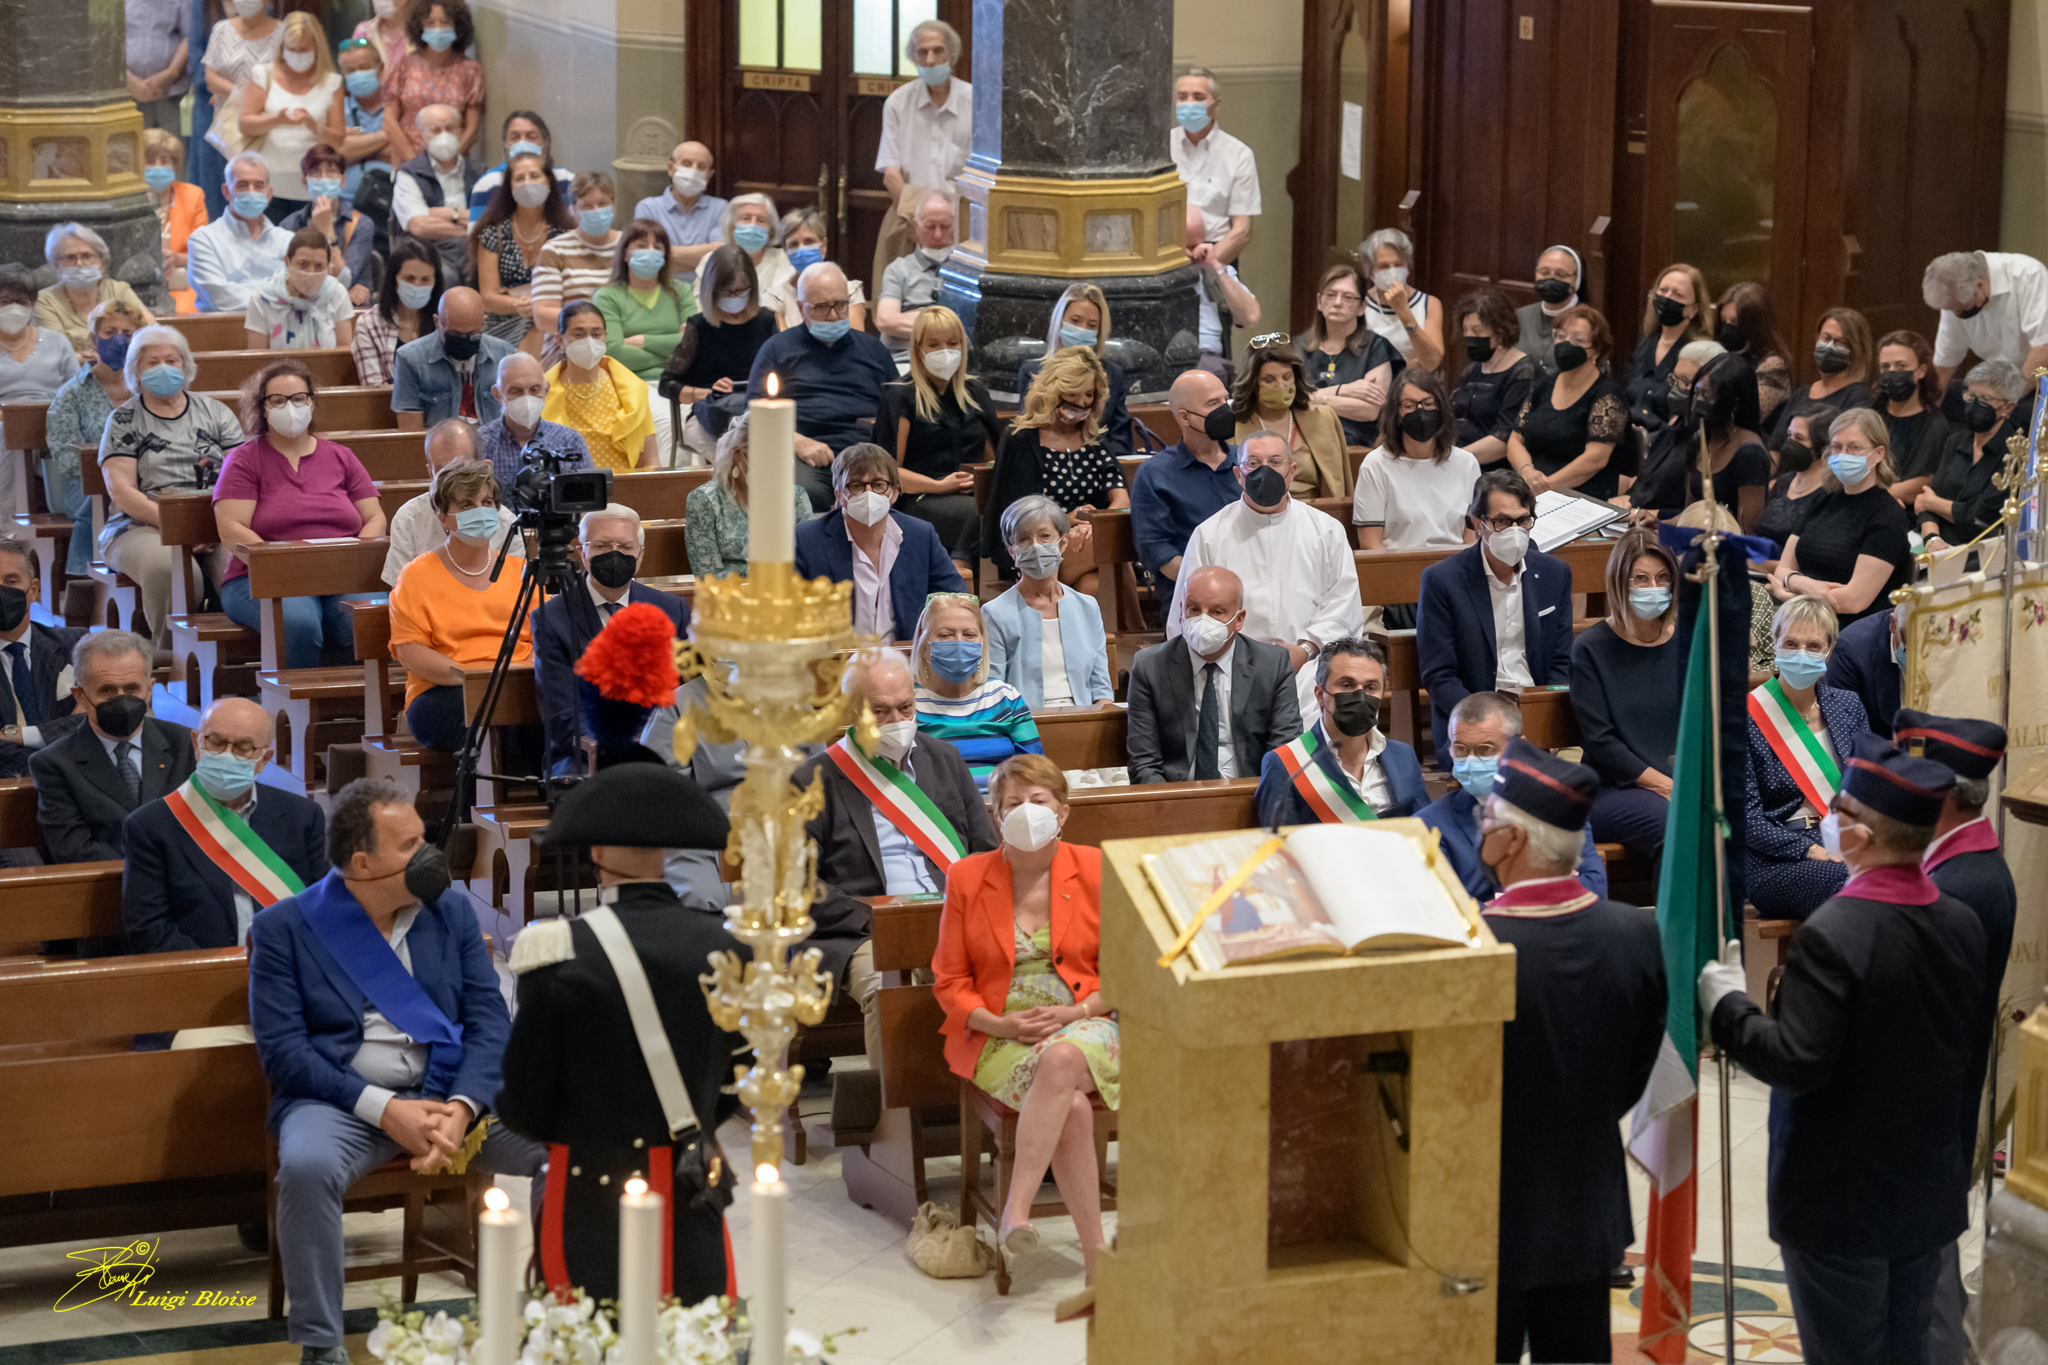 29-agosto-2021-pontificale-10.30-MdG-–-FOTO_mdg_-134